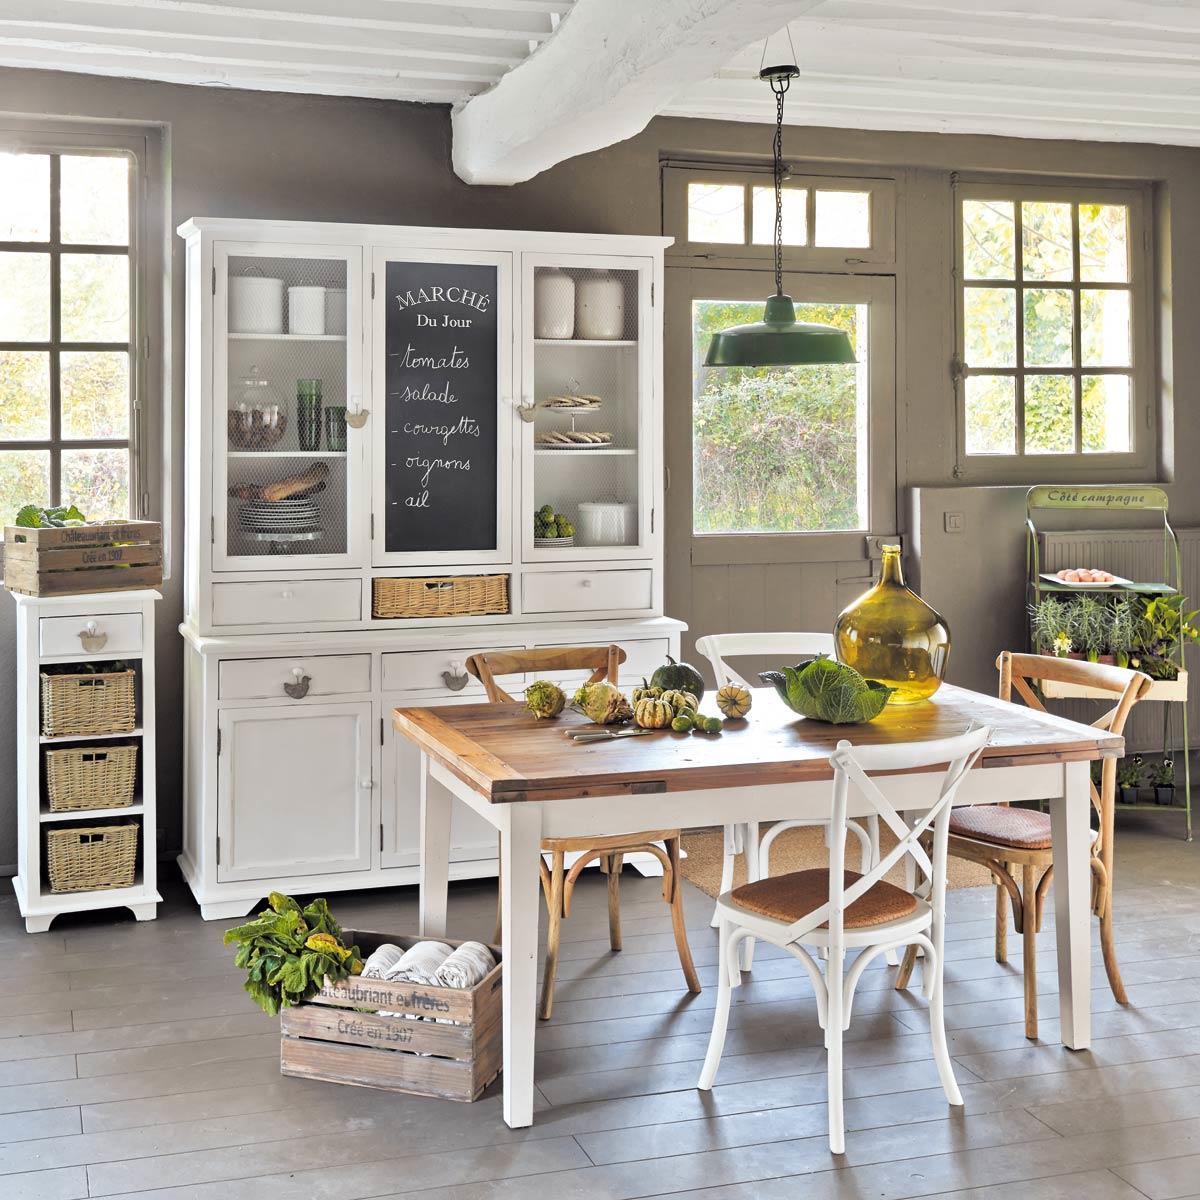 Cucine maison du monde accessori e mobili in stile shabby for Maison du monde arredamento